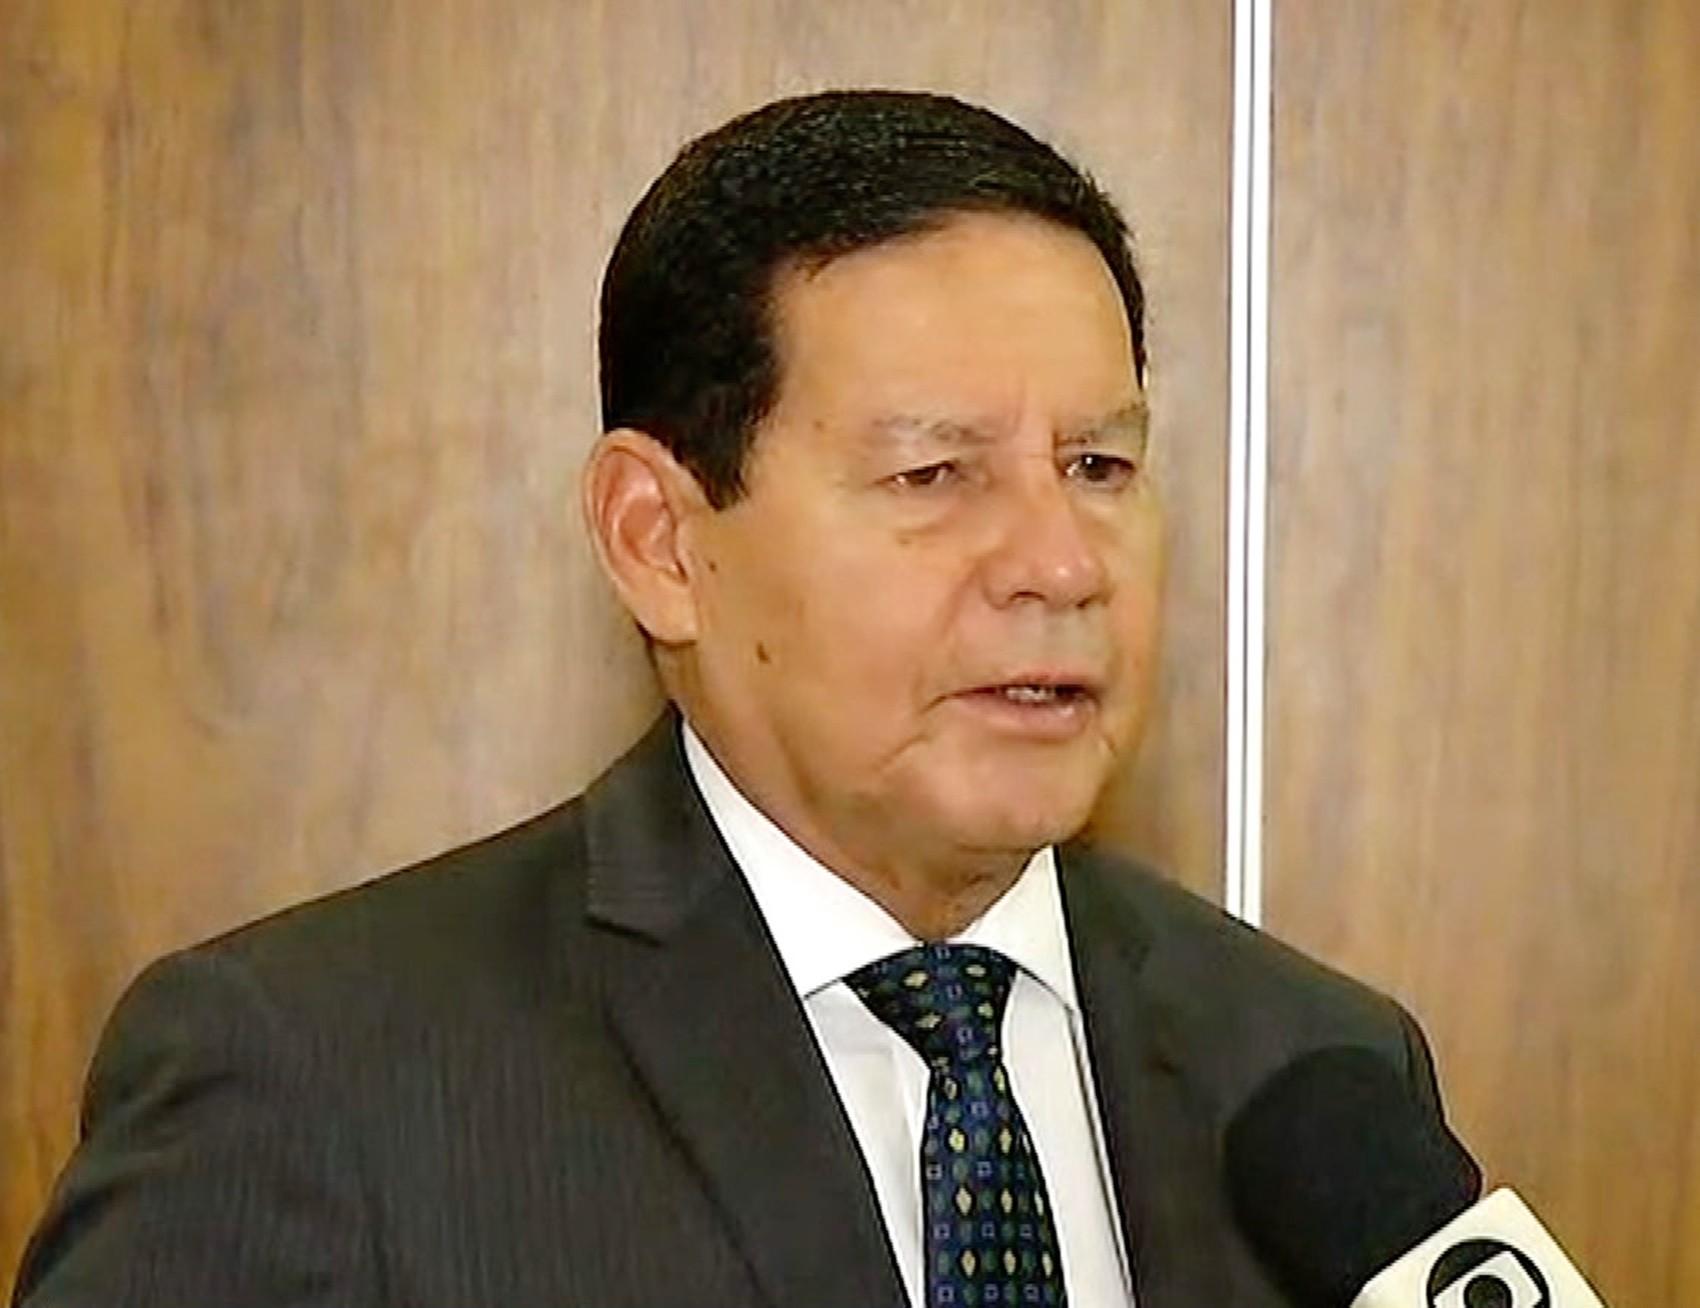 'Foi mais questão de comunicação do que crise mesmo', diz Mourão sobre reação a queimadas na Amazônia   - Notícias - Plantão Diário